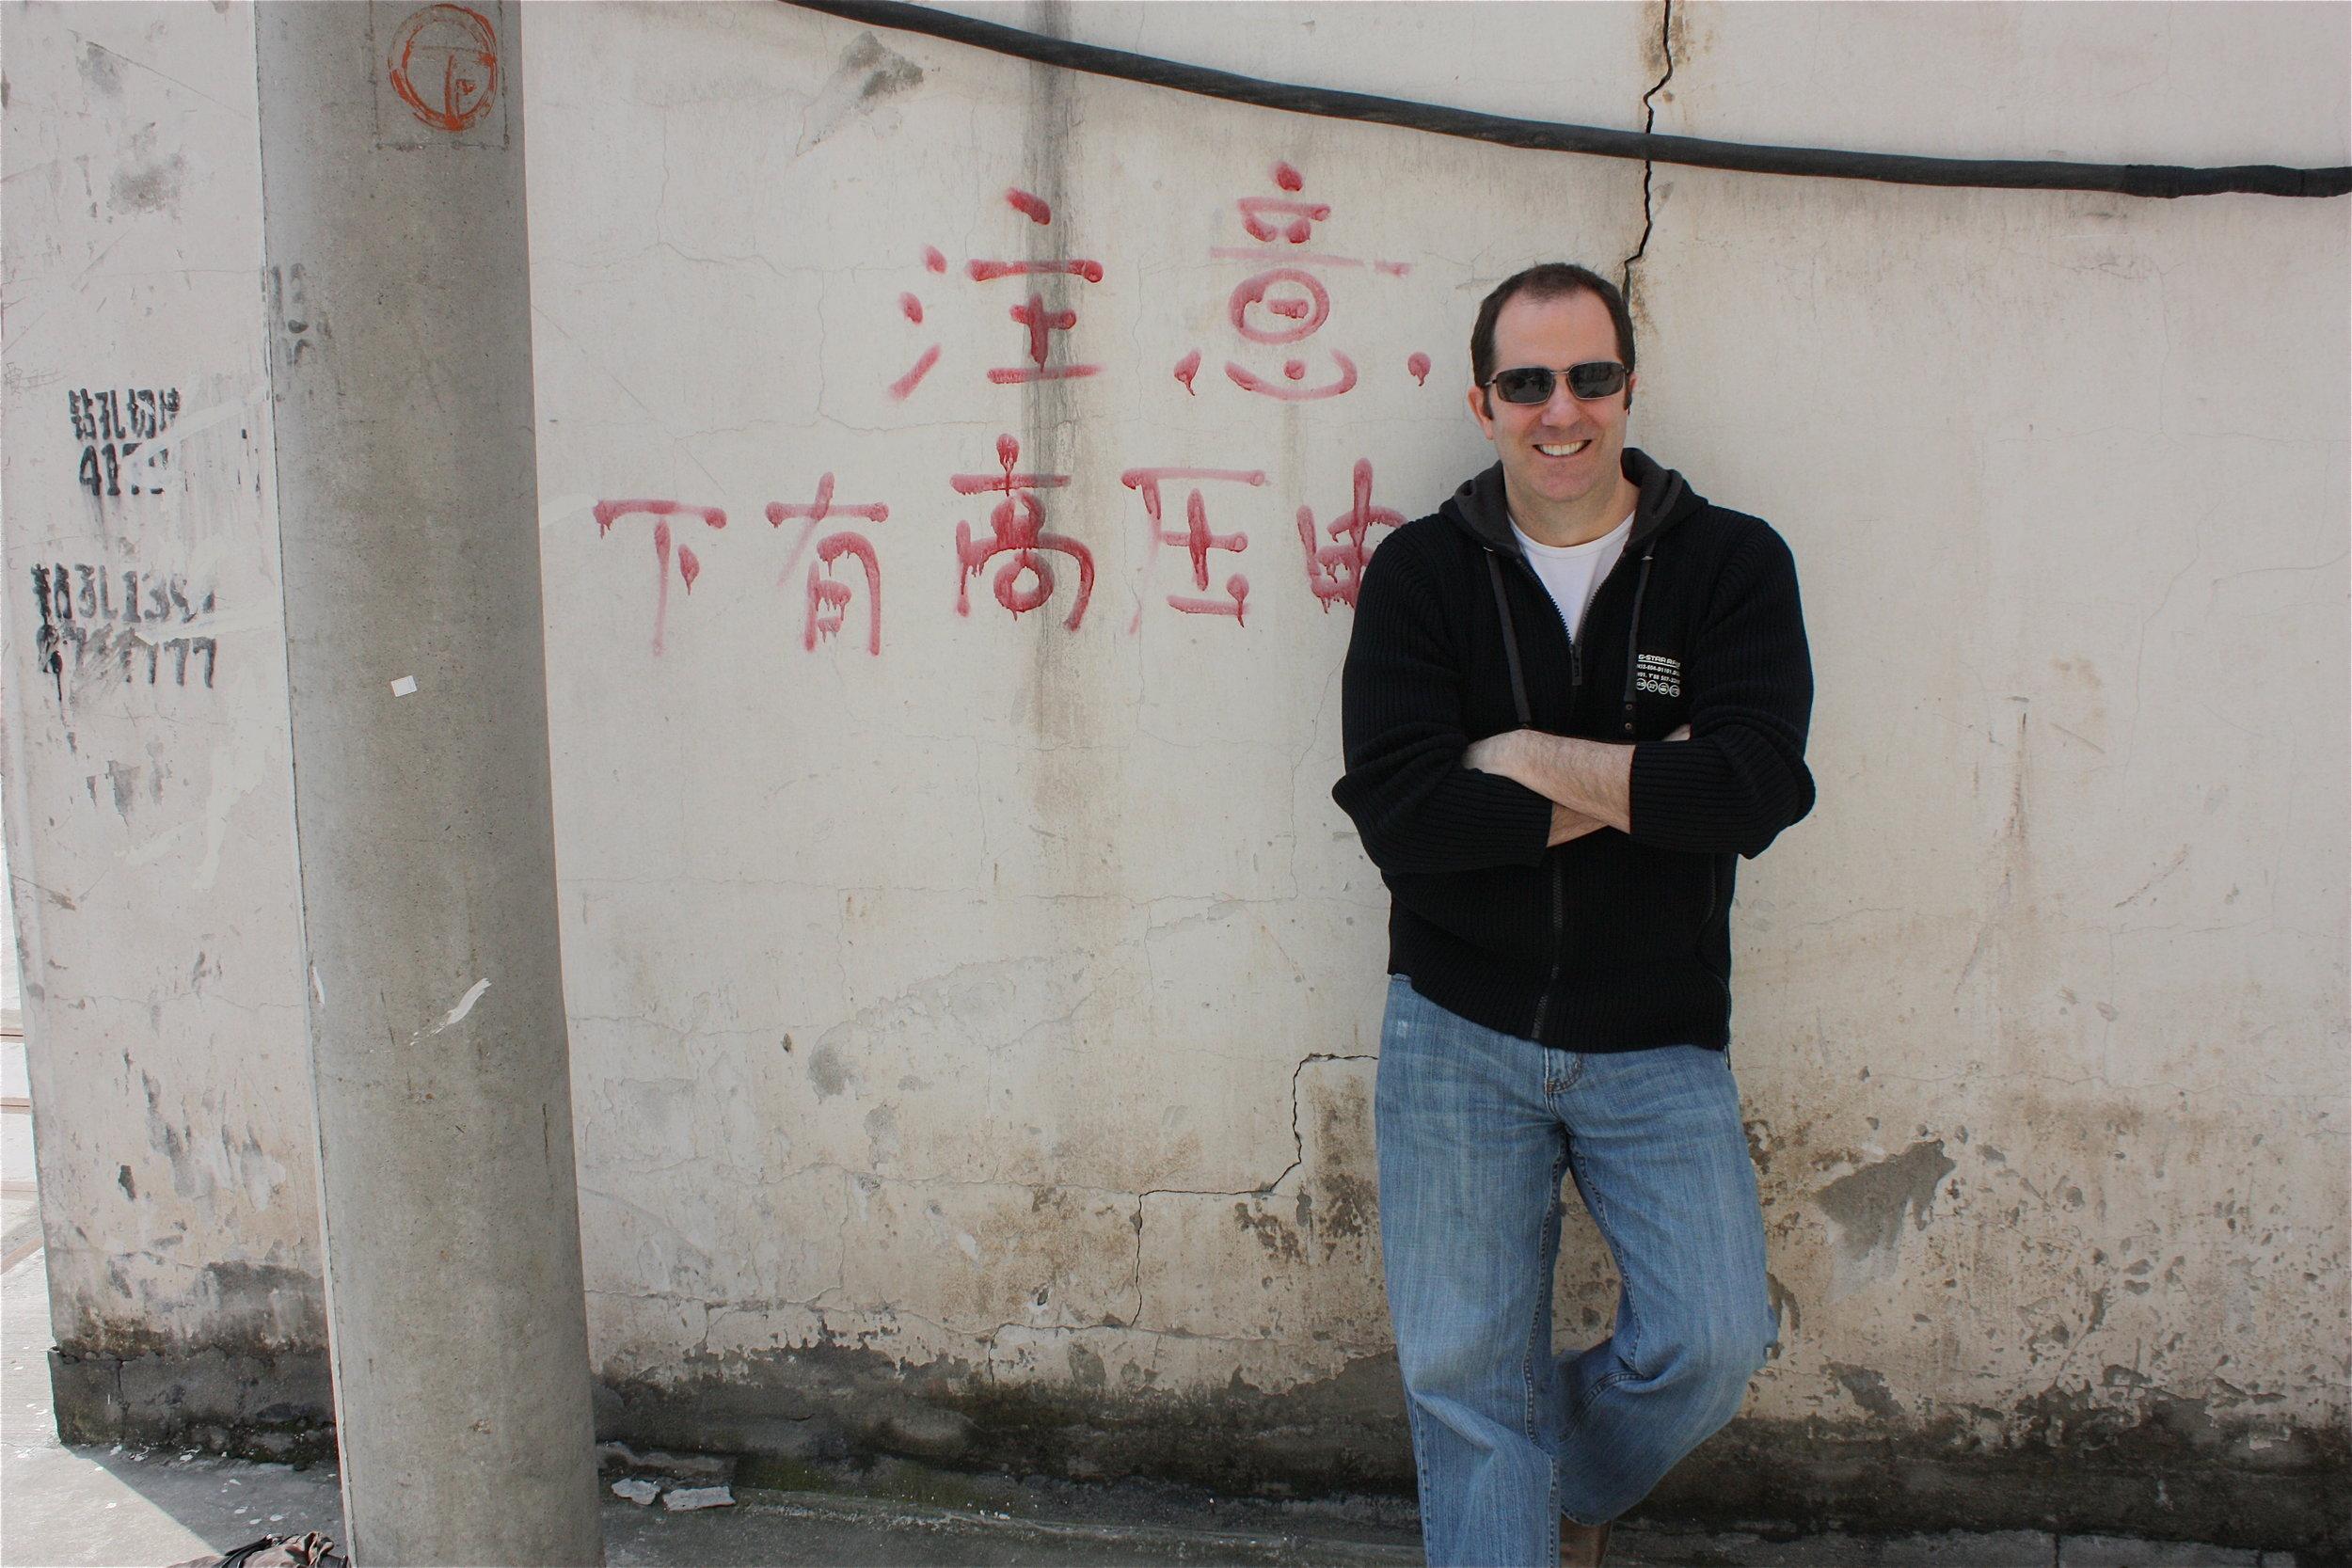 2008 Shanghai